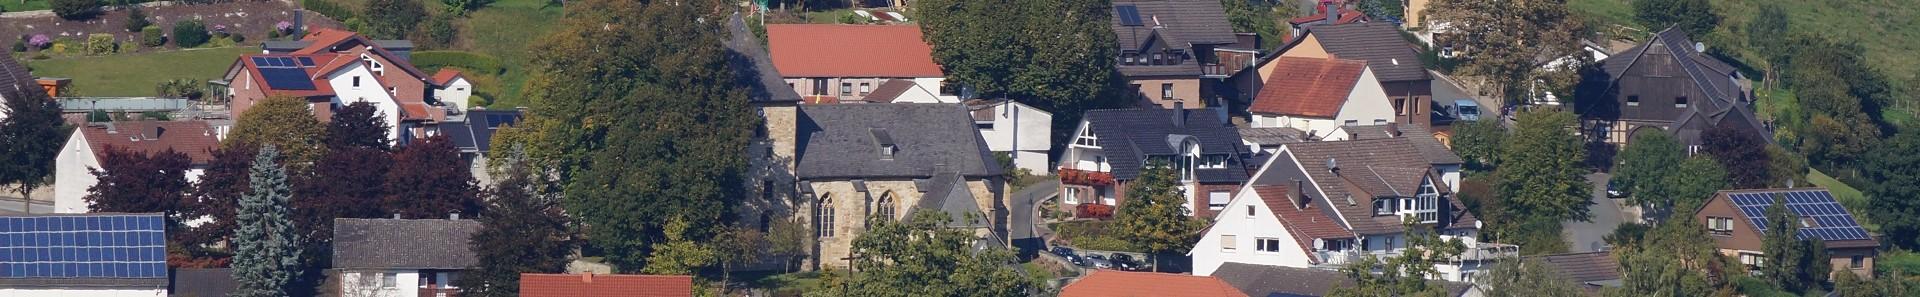 Hegensdorf